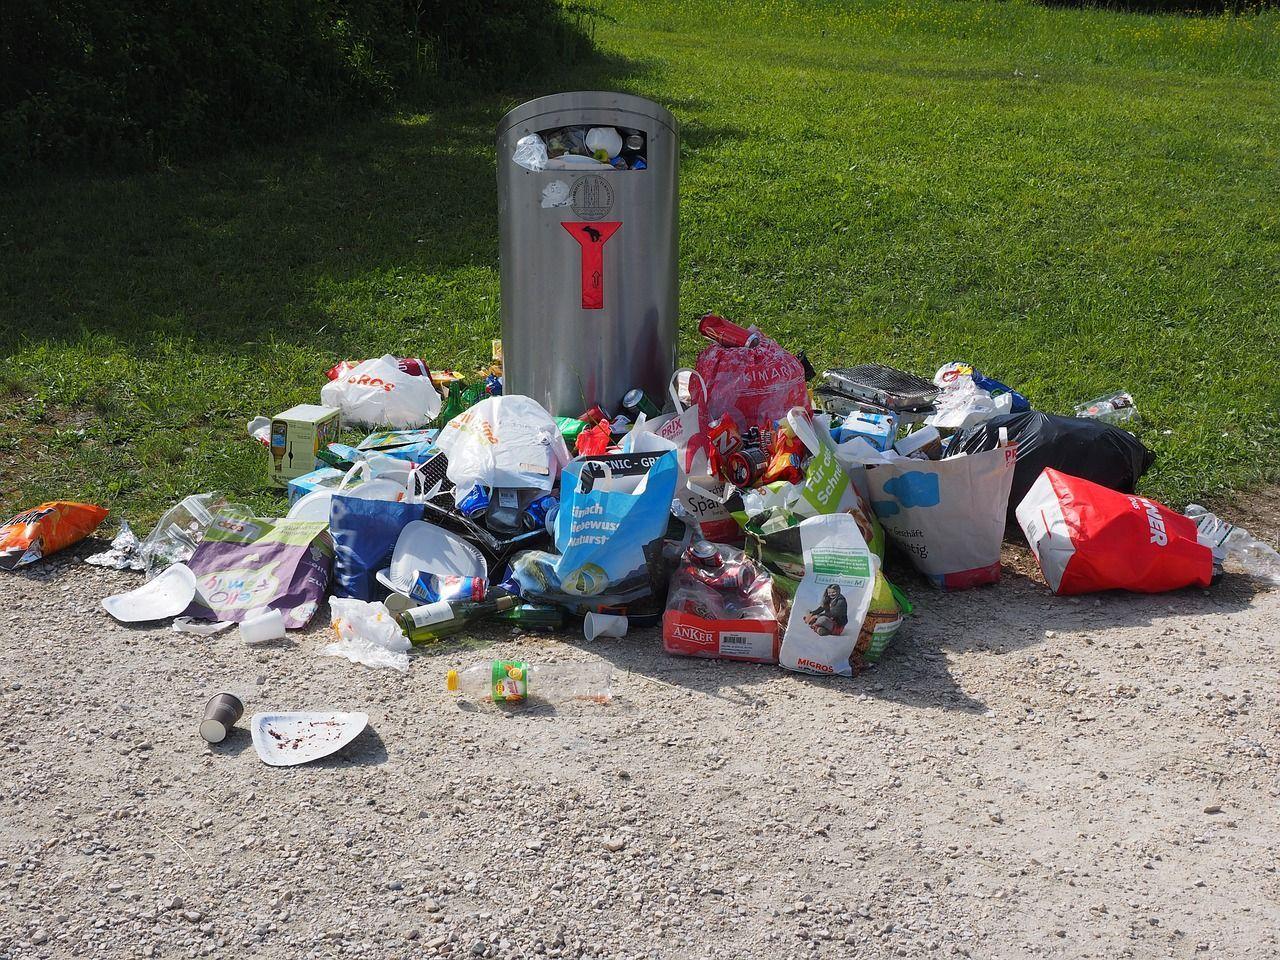 Tassa dei rifiuti: 10 anni per richiedere il rimborso dell'Iva